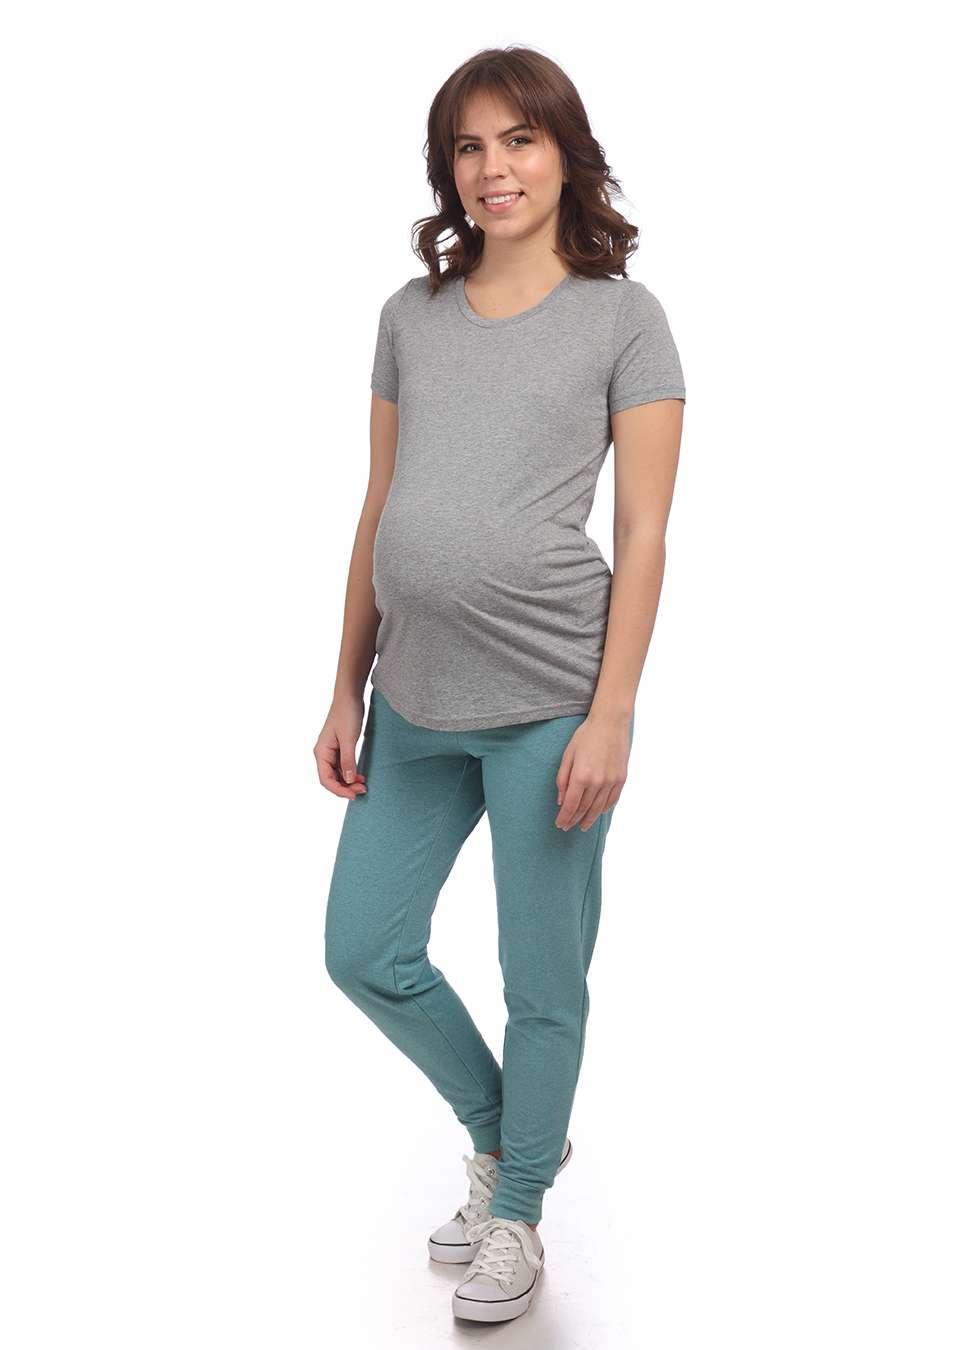 Брюки спортивные для беременных Фит